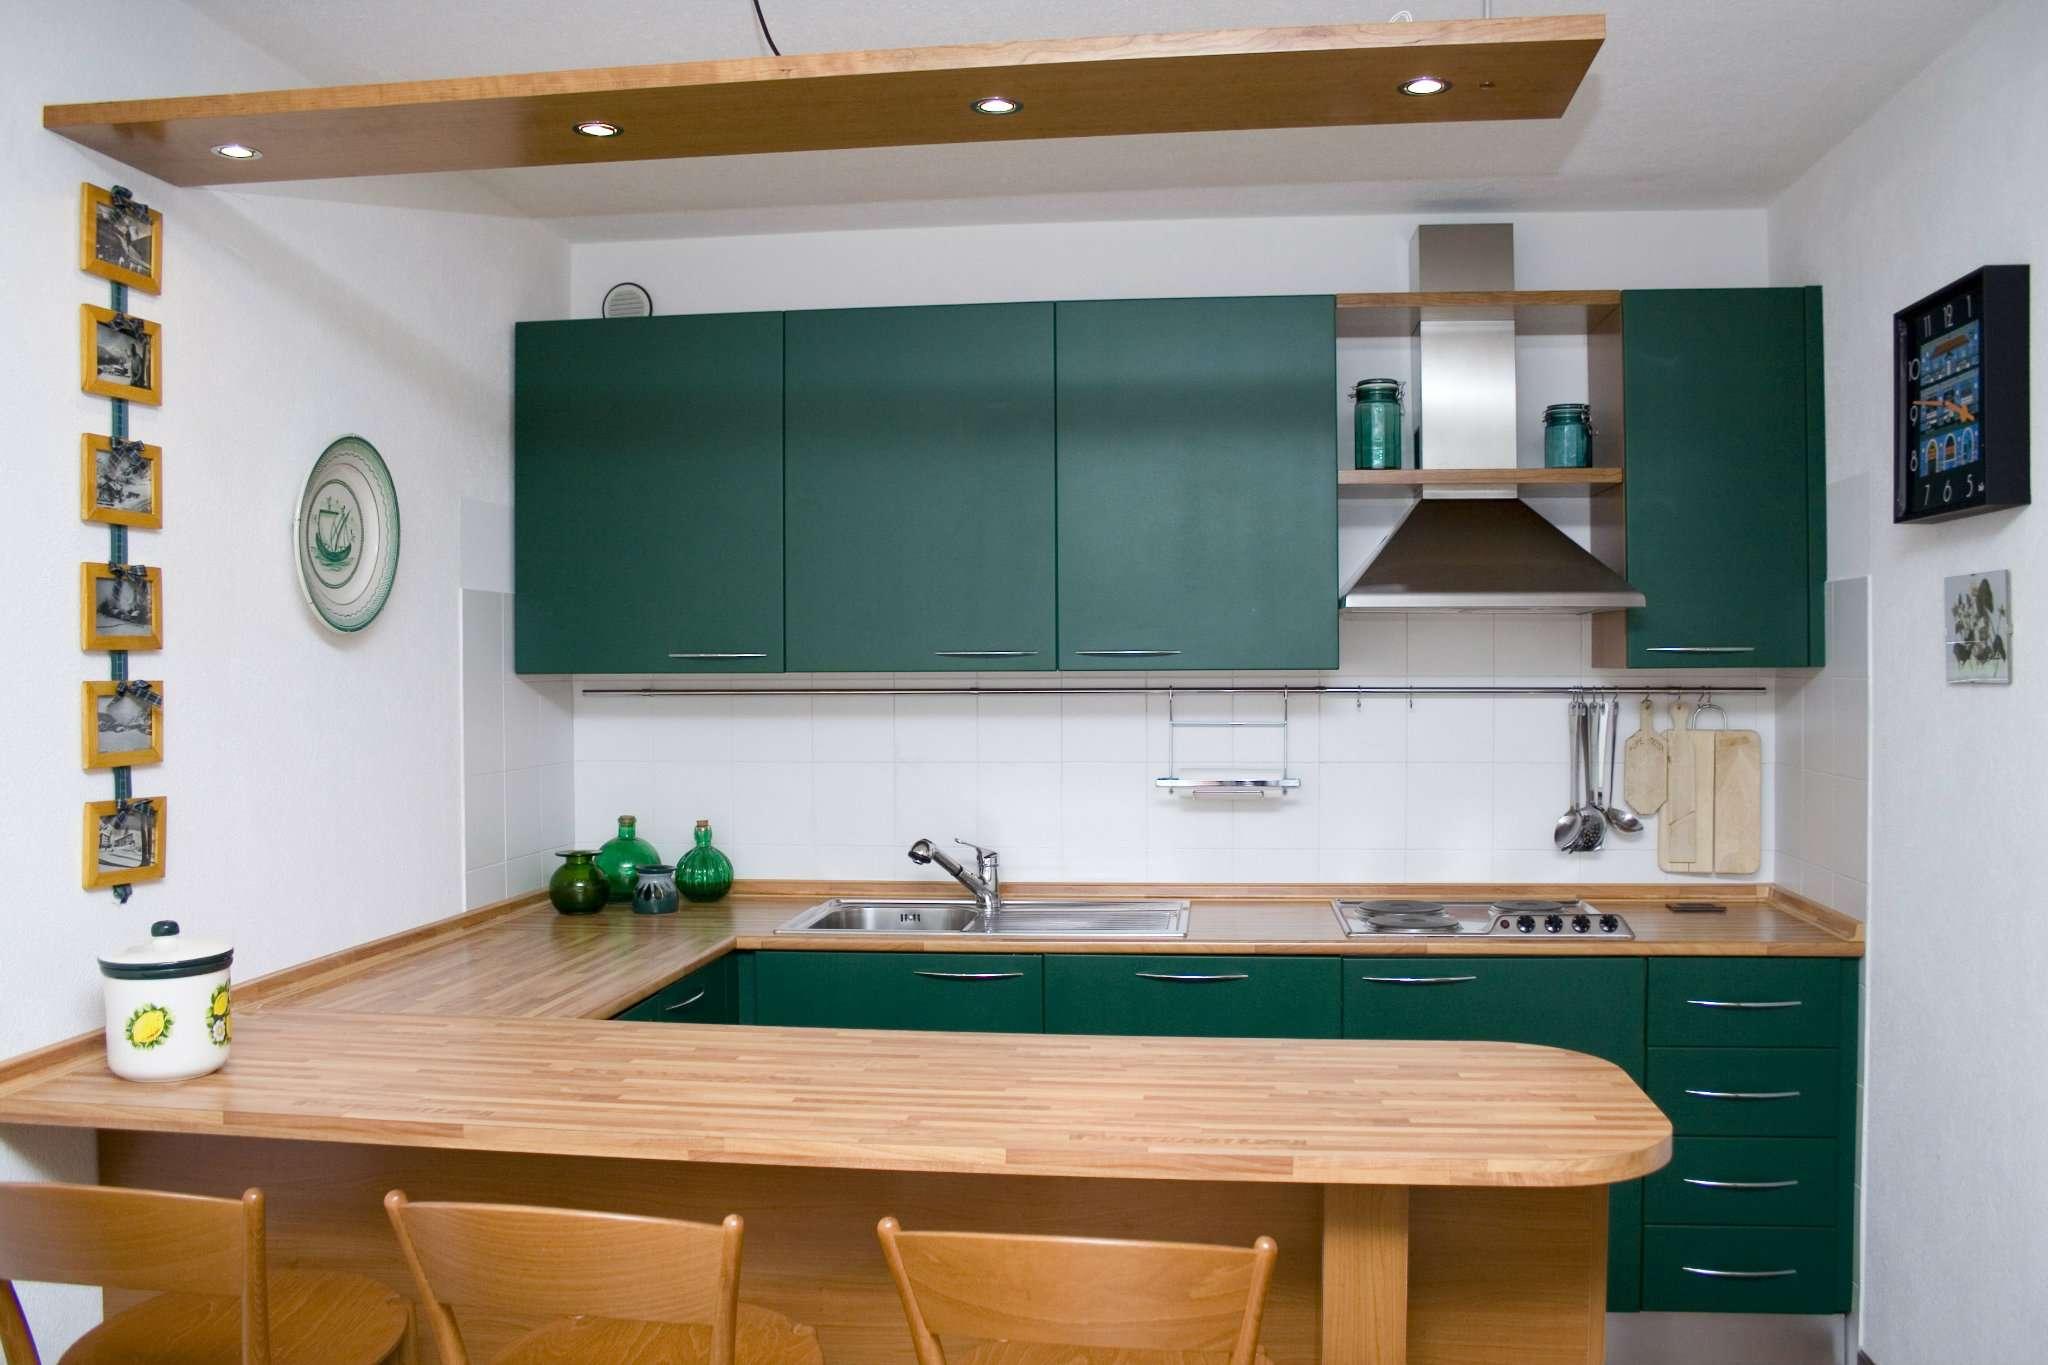 Appartamento in vendita a Campodolcino, 2 locali, prezzo € 195.000 | CambioCasa.it